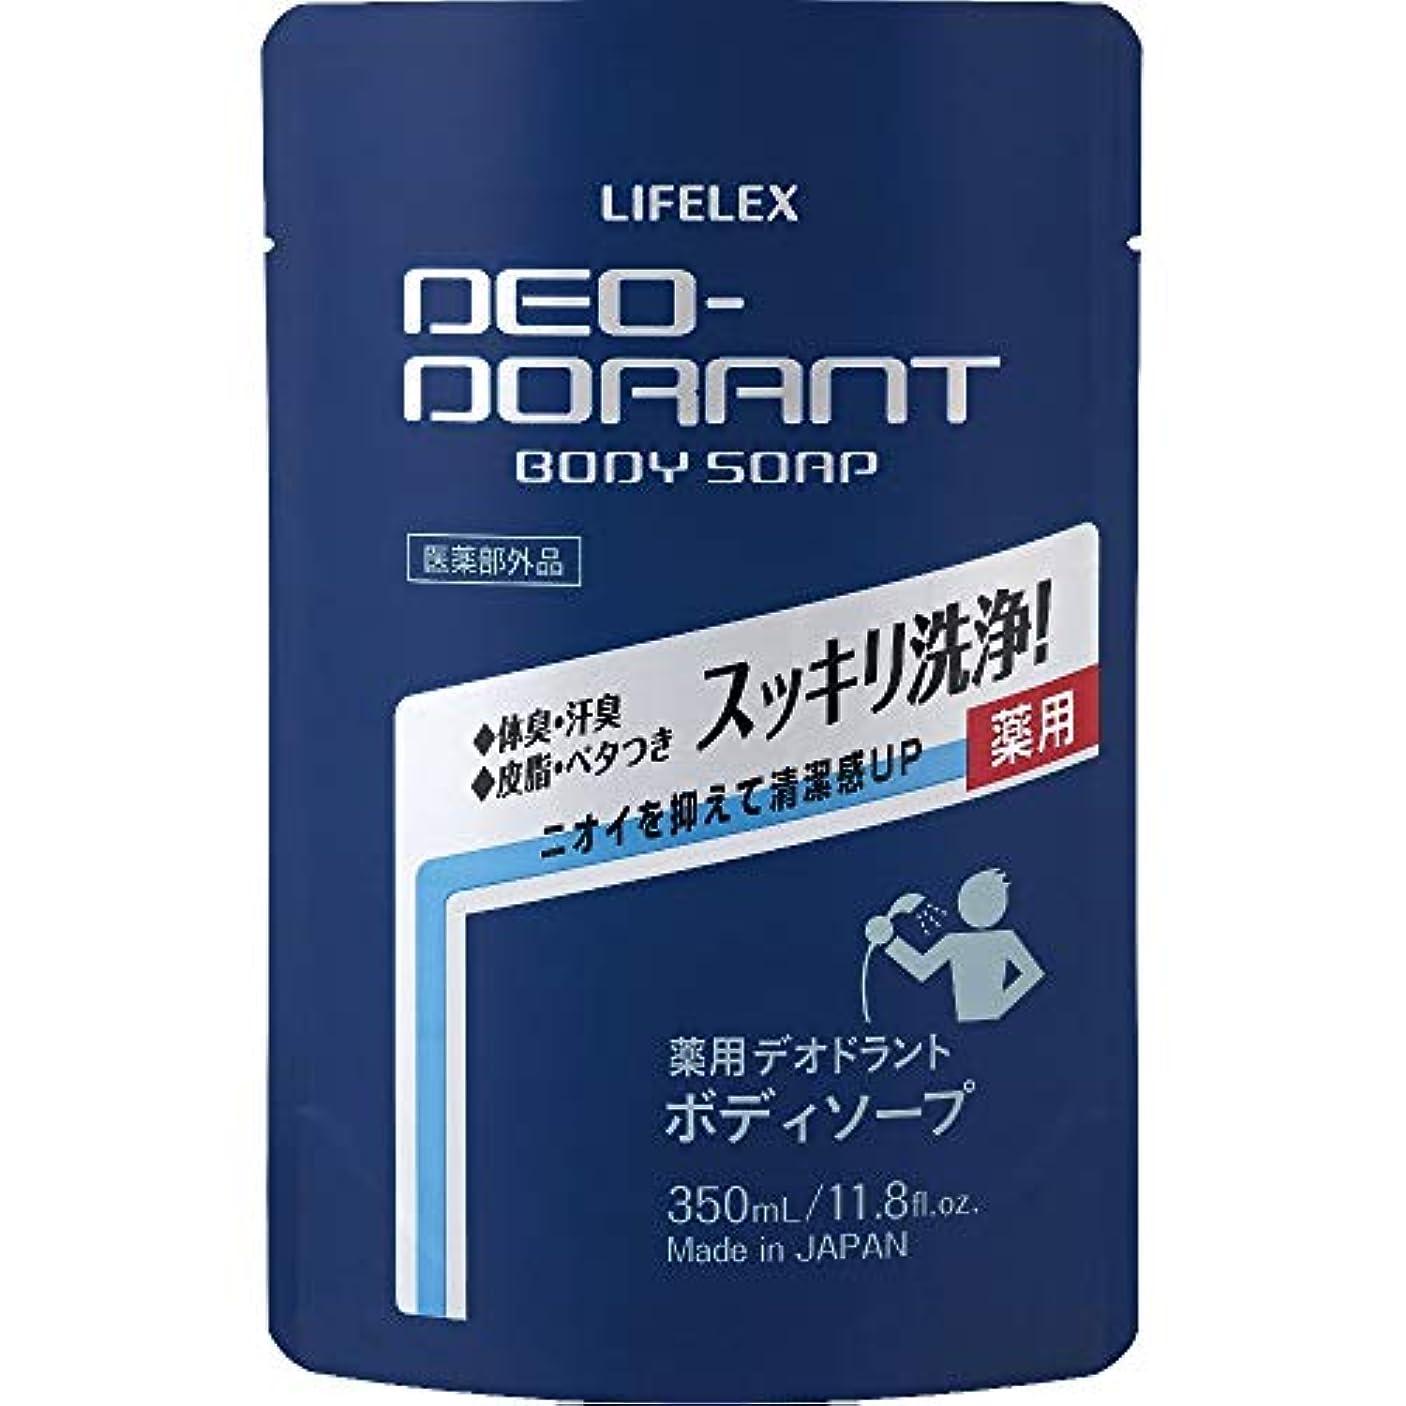 有毒な宿泊着るコーナン オリジナル LIFELEX 薬用デオドラント ボディソープ詰替 350ml